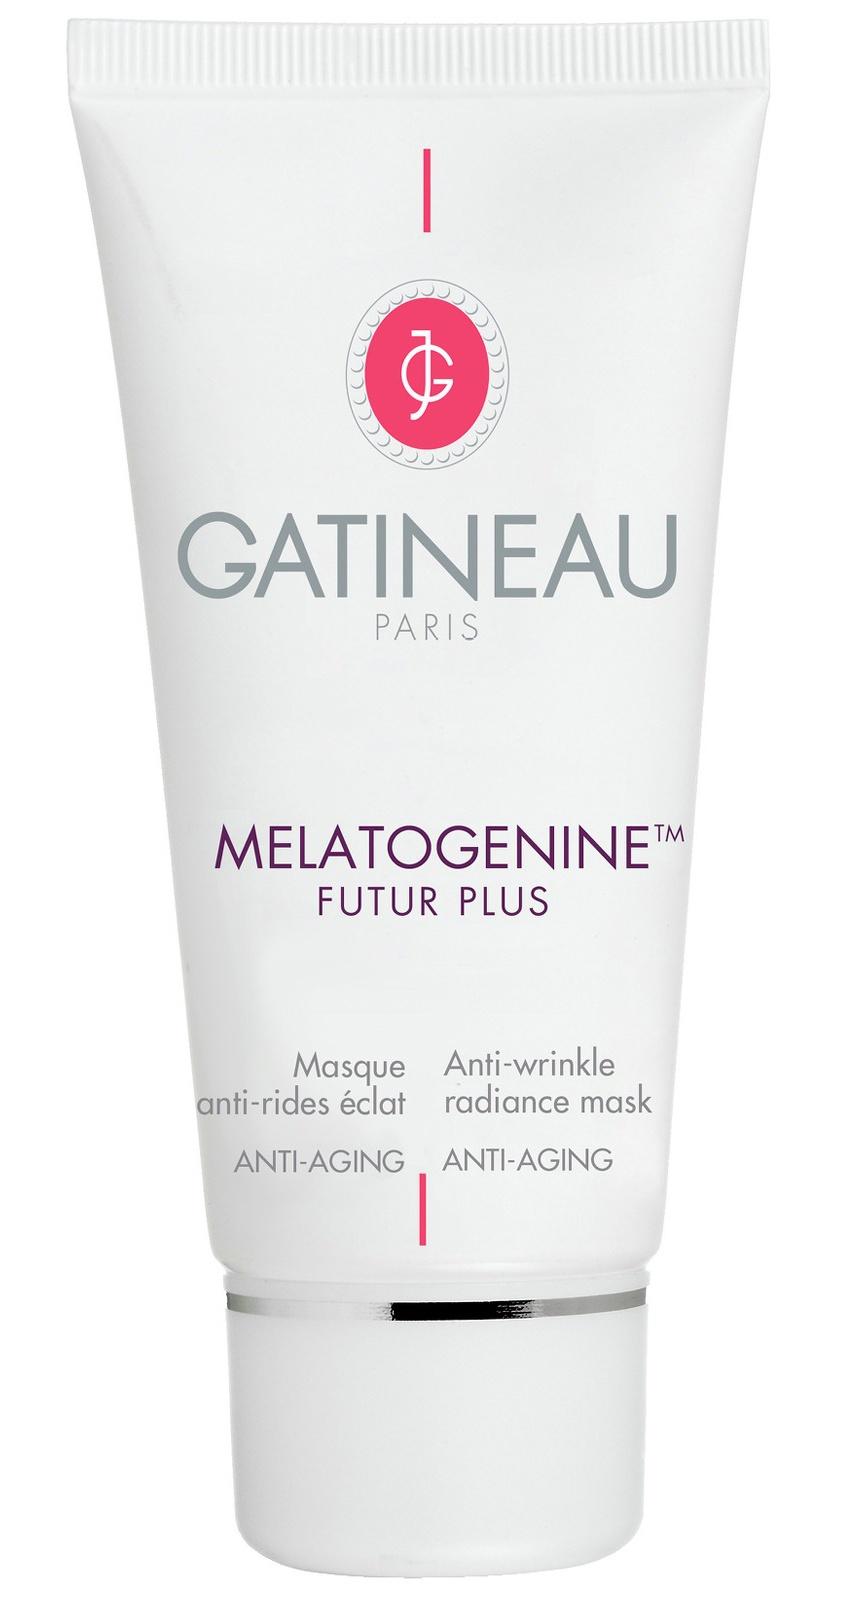 gatineau Melatogenine Futur Plus Anti Wrinkle Radiance Mask